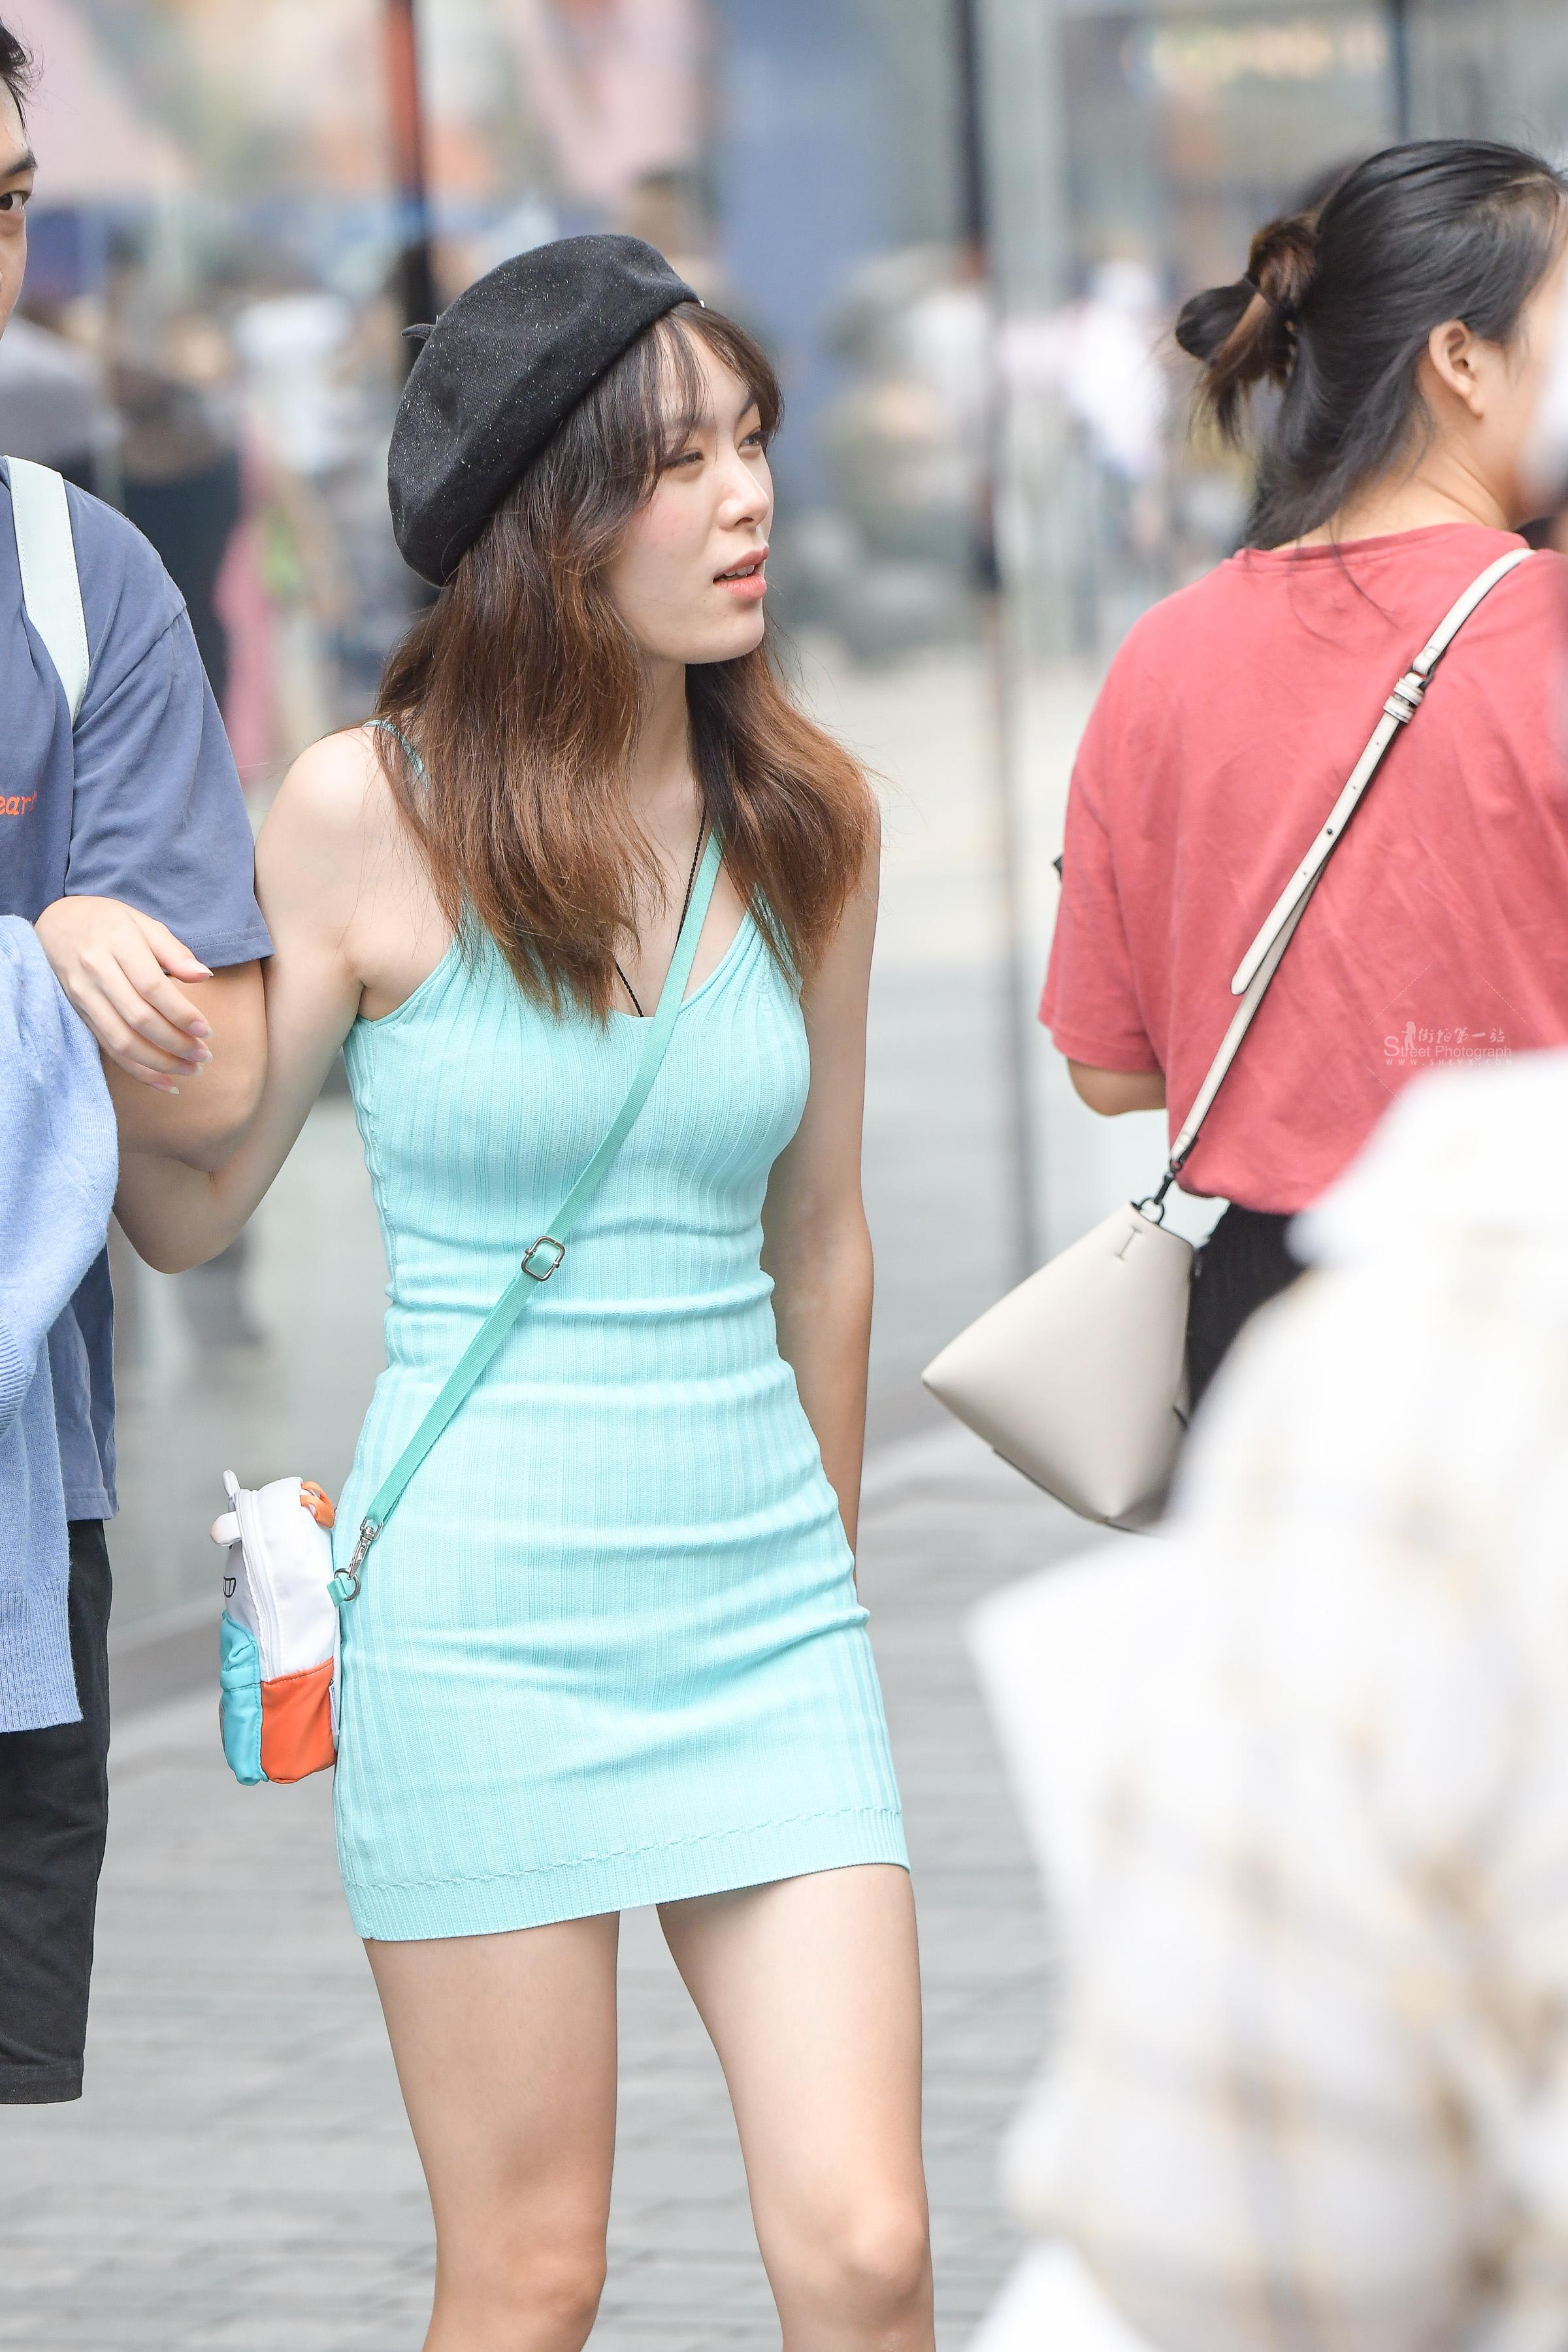 街拍紧身,街拍紧身裙,街拍美女 绿色 紧身裙美女 最新街拍丝袜图片 街拍丝袜第一站